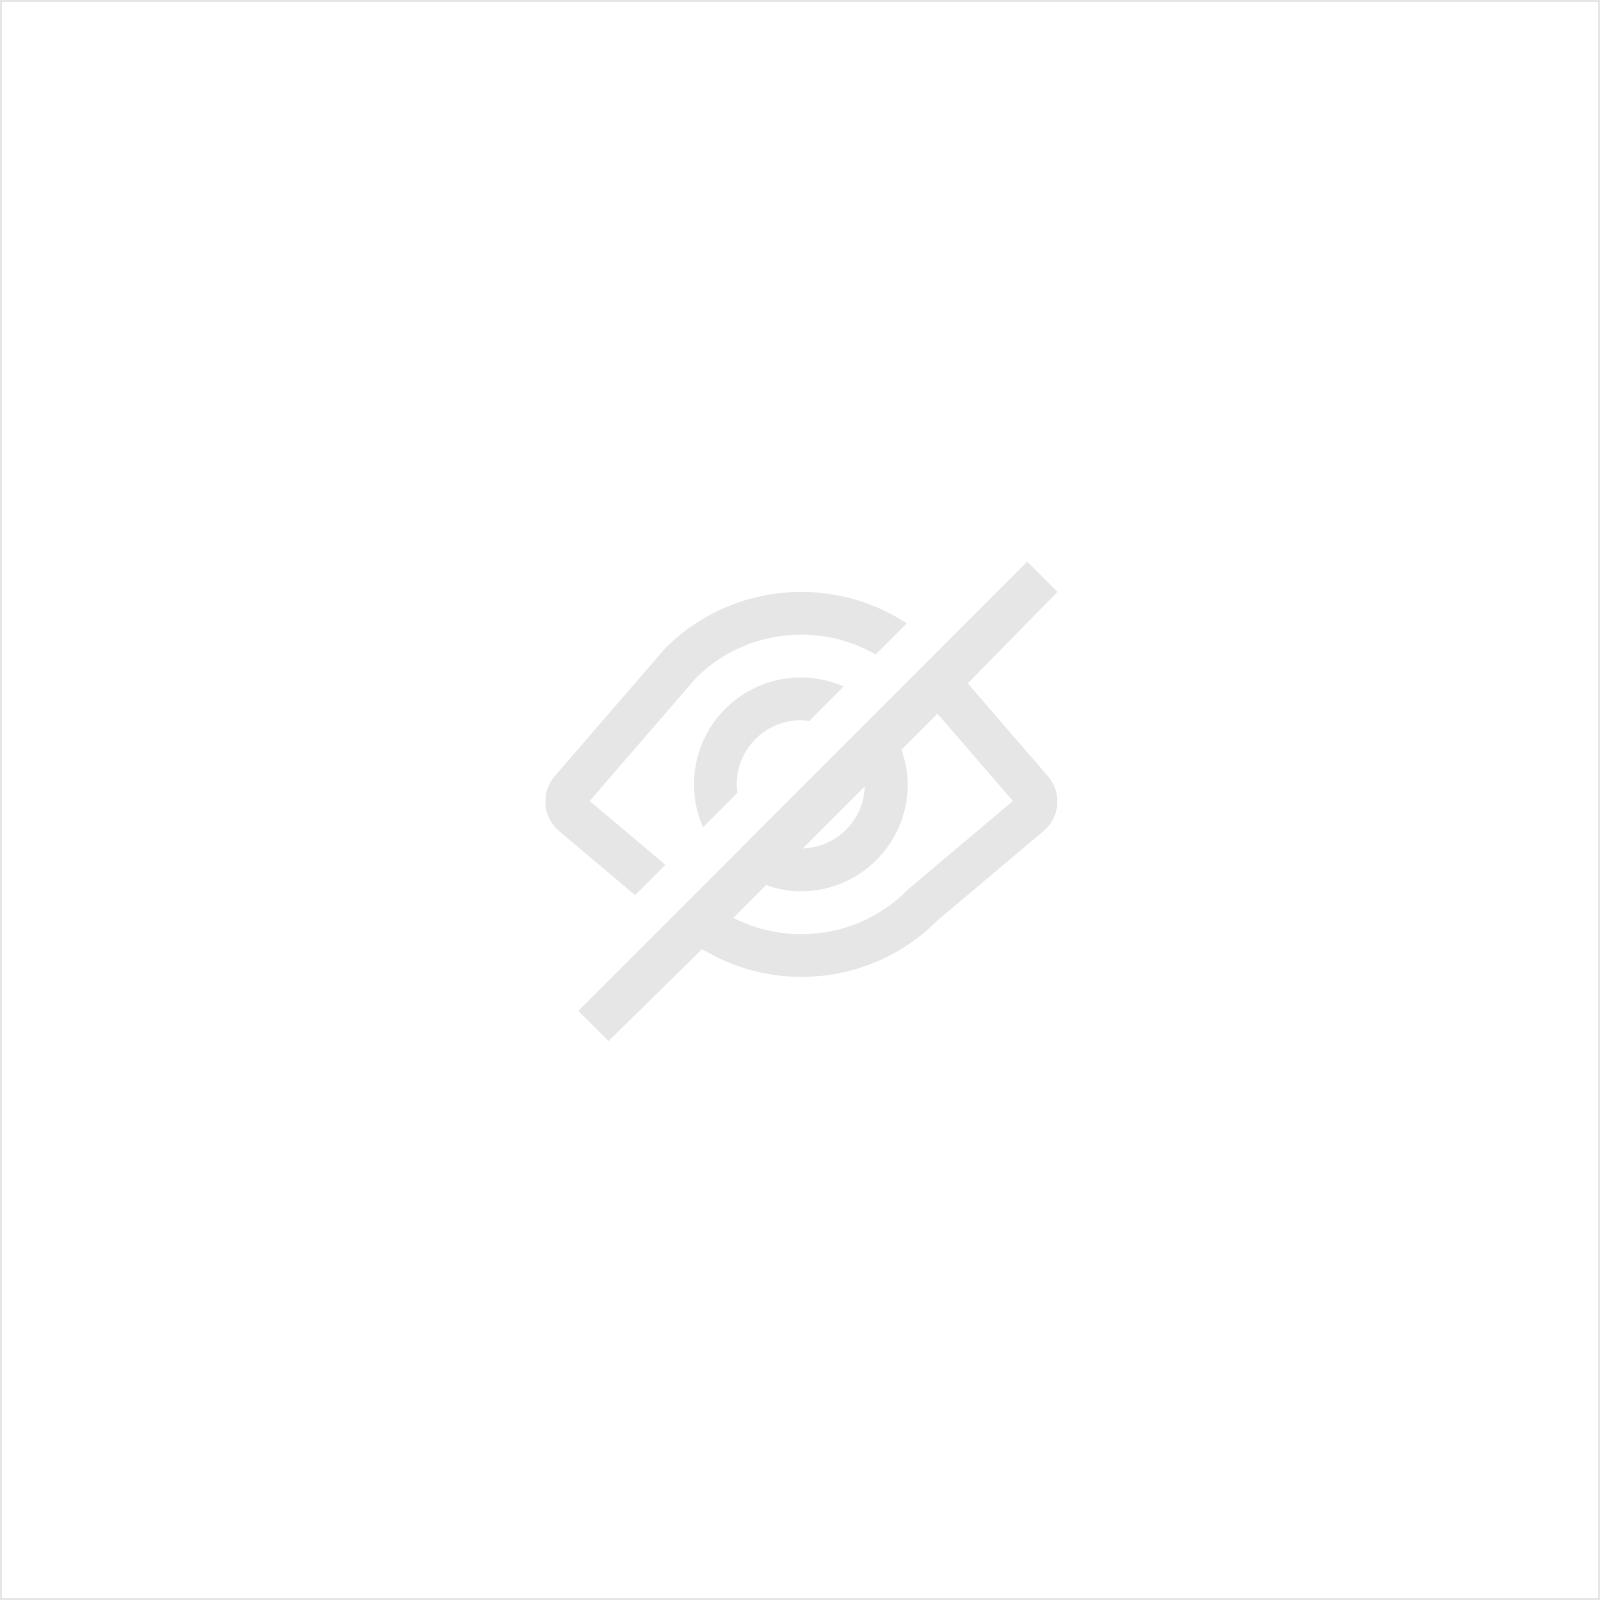 OPTIONEEL FLAT BEAD ROLL SET 1/2 VOOR BOORD EN LIJSTMACHINE